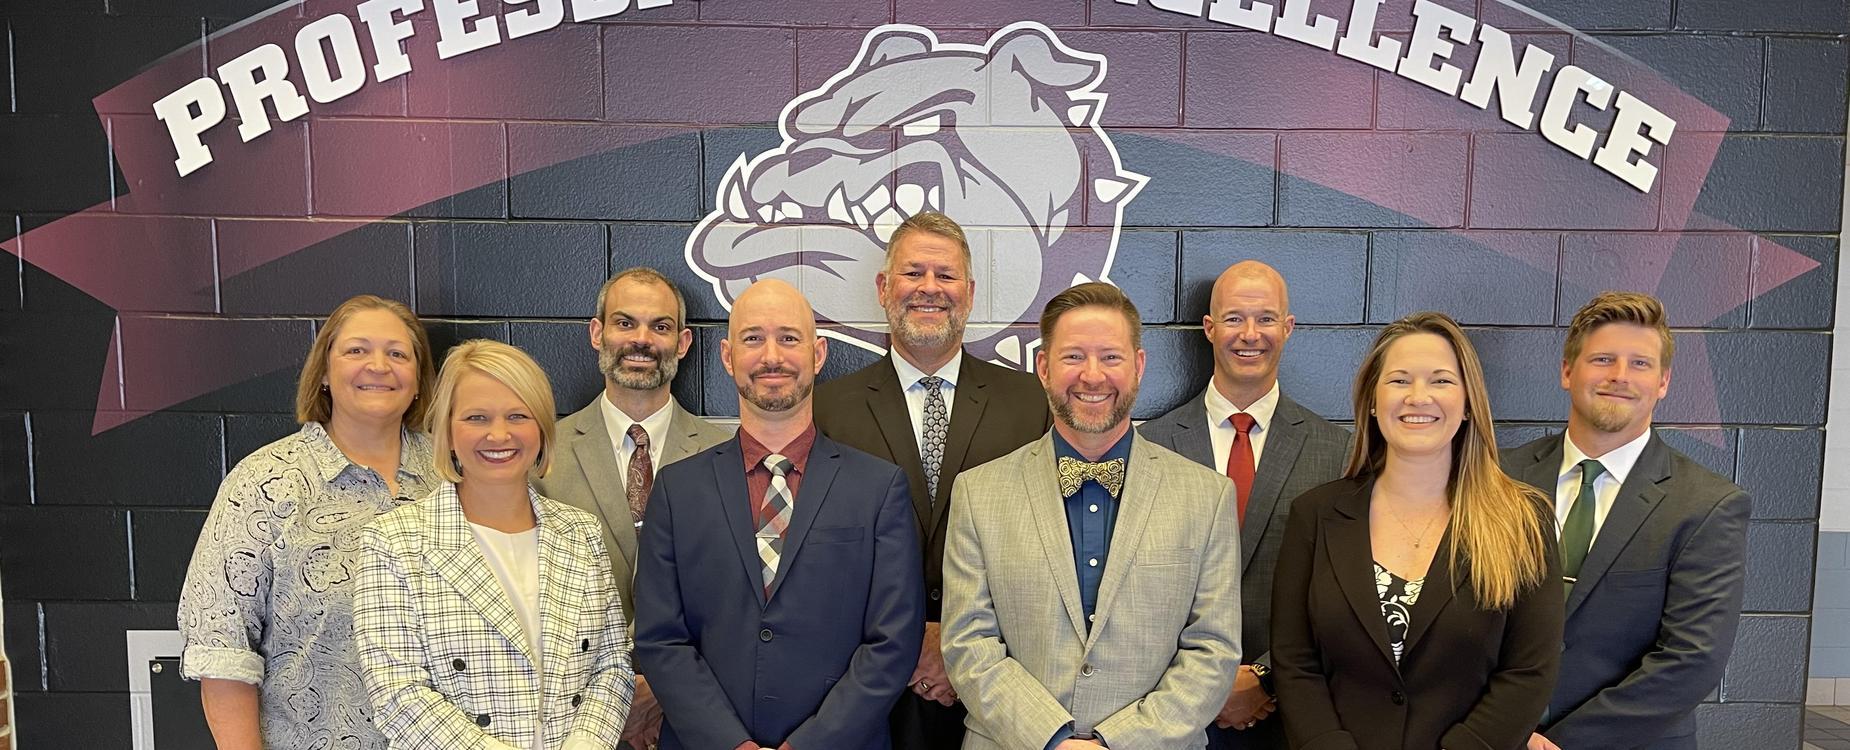 MHS Leadership Team